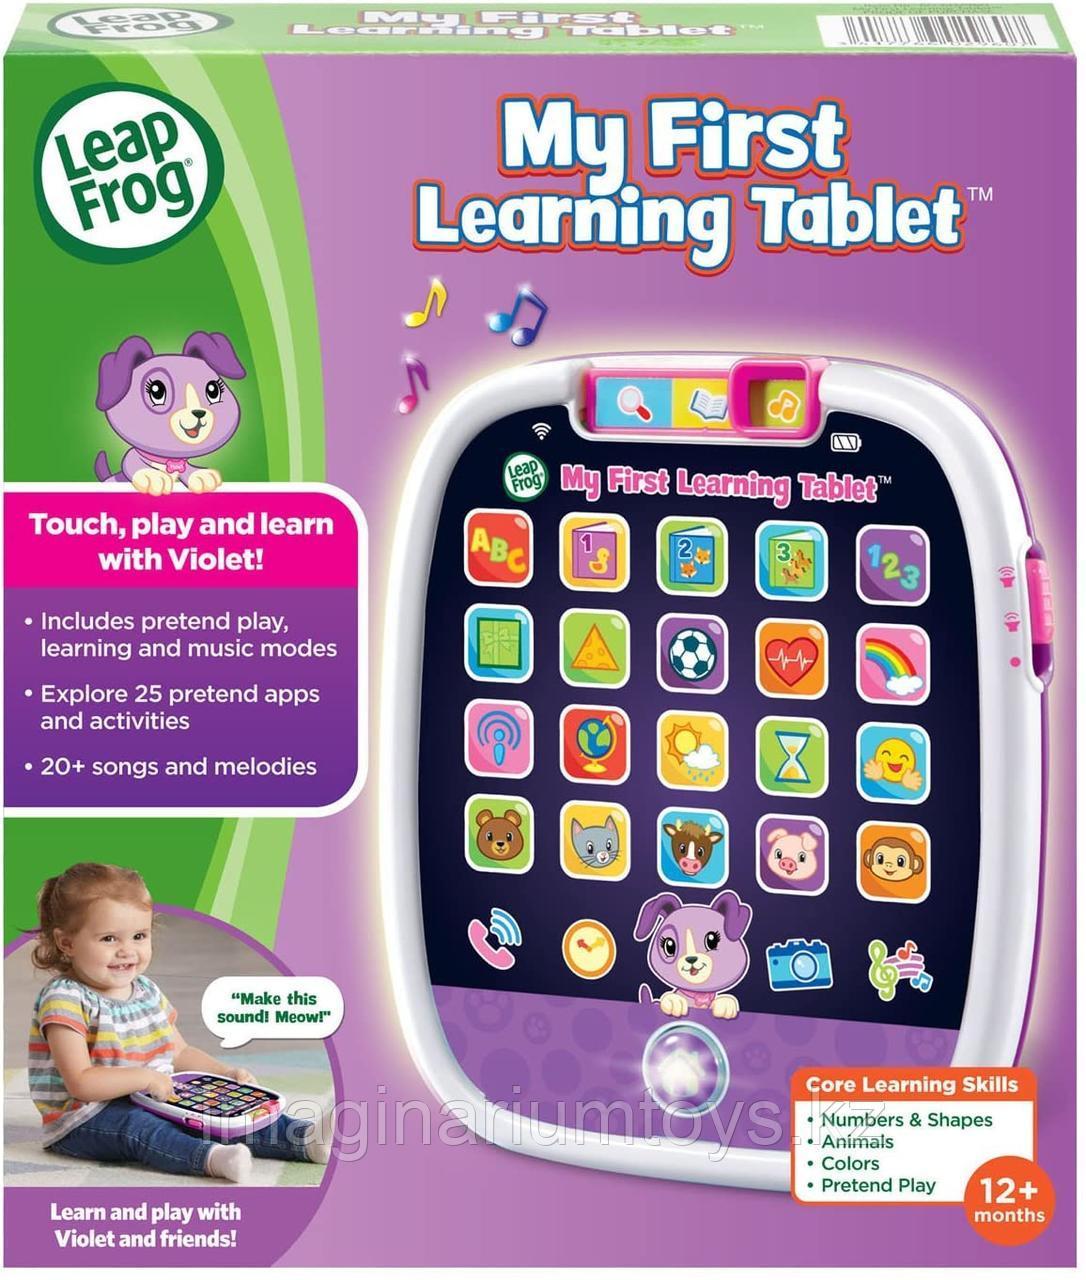 Обучающий игровой планшет для детей от 1 года